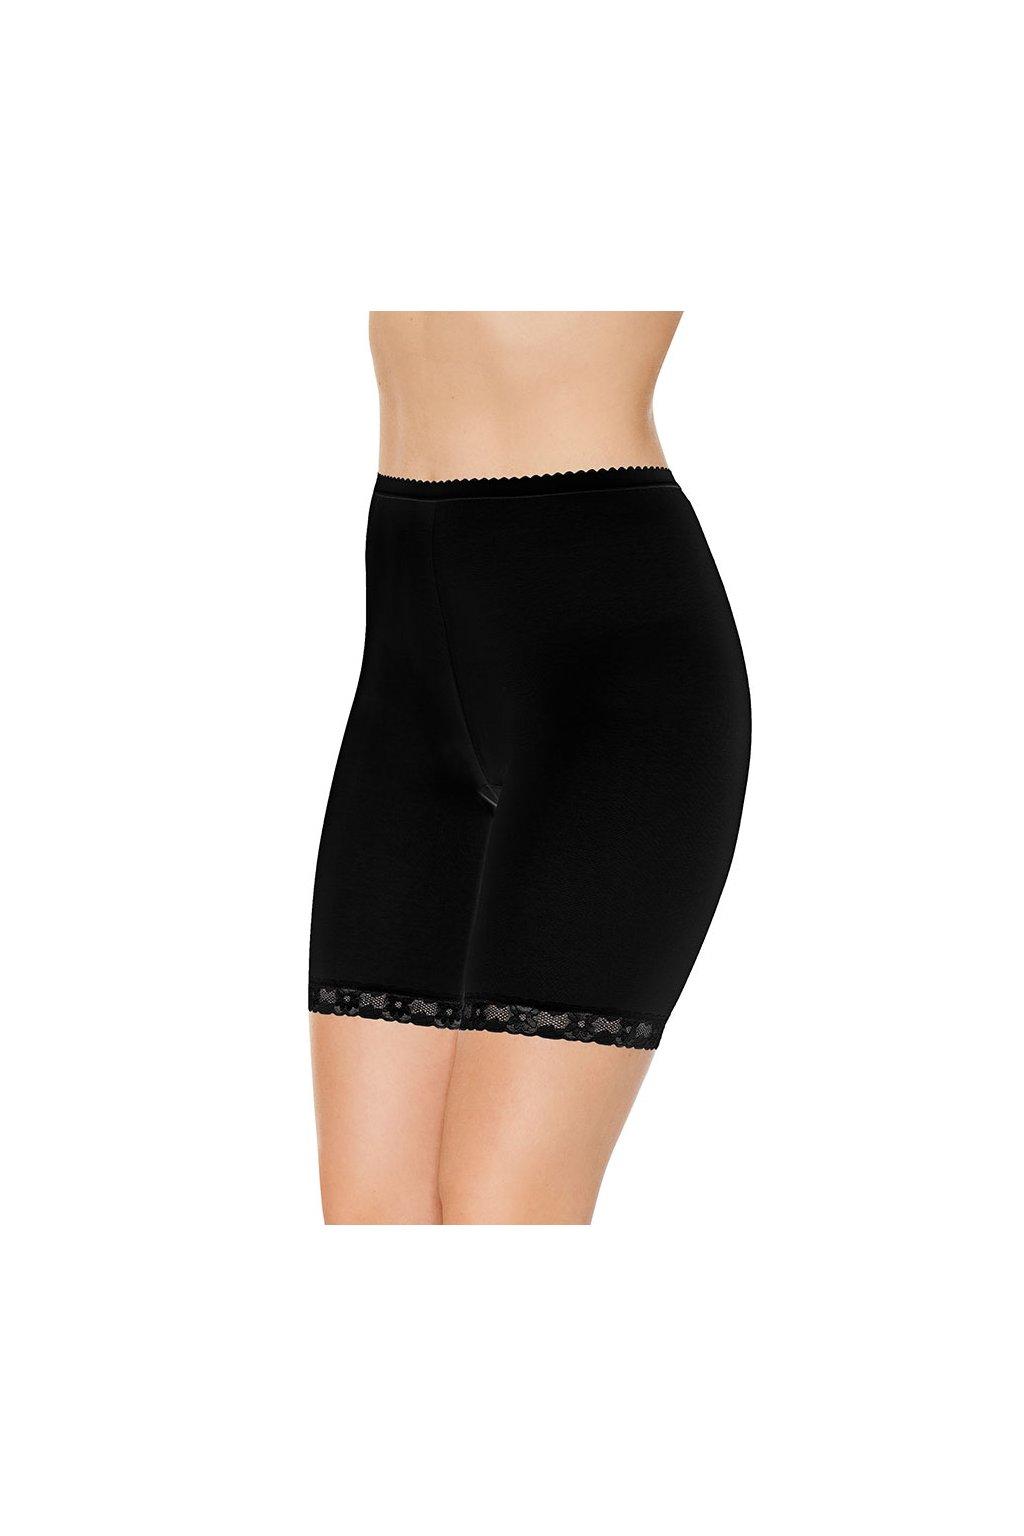 Nohavičkové kalhotky, 10023 29, černá